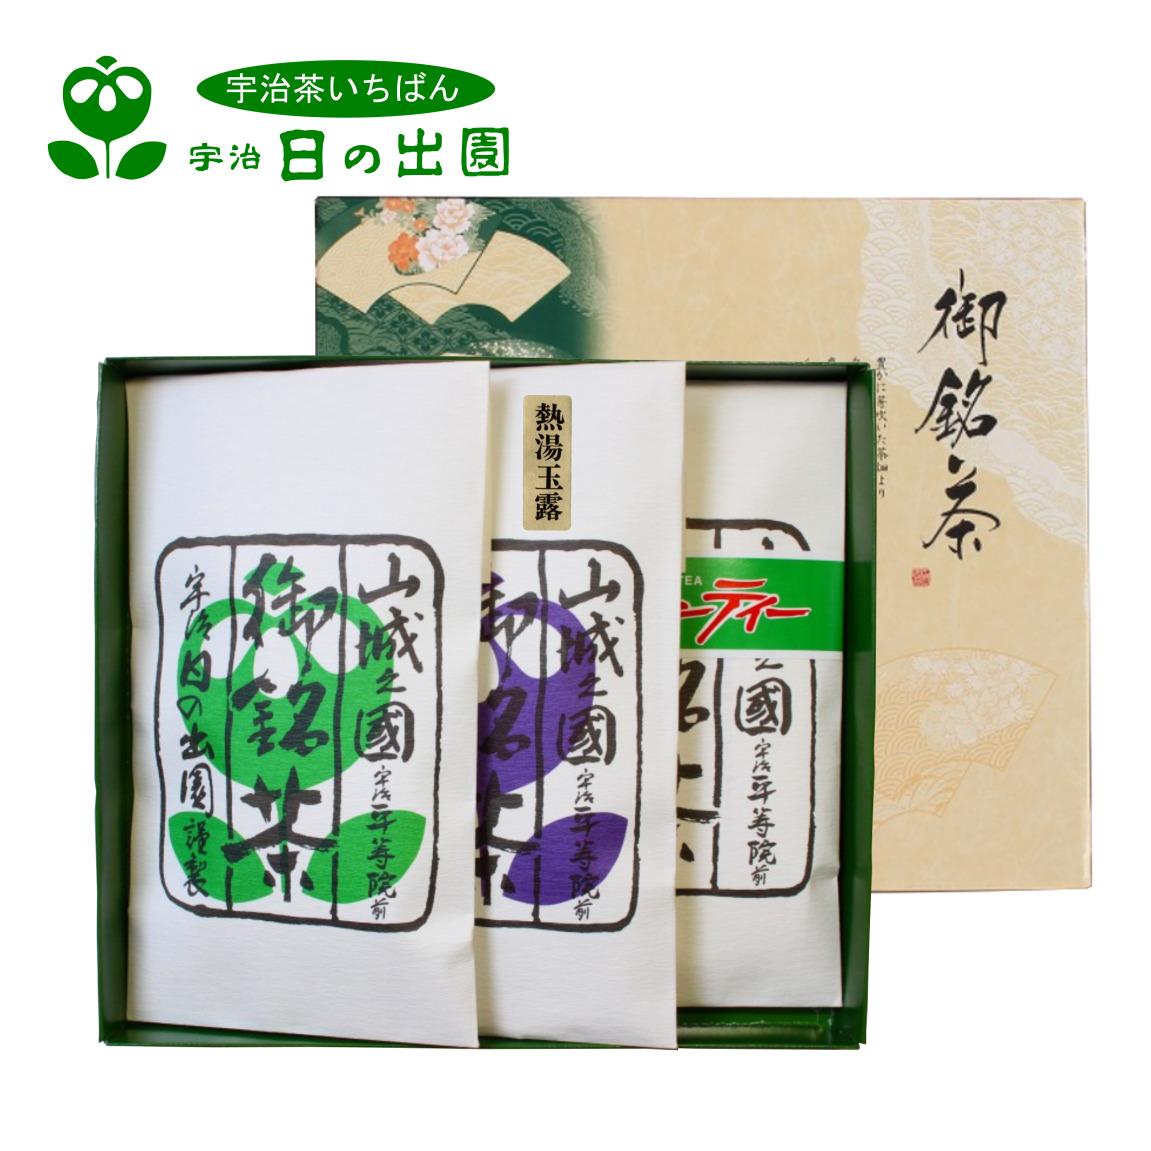 贈り物やお供えにも人気のギフトセットです さわやかな煎茶と人気の熱湯玉露が100gずつと グリーンティーが180g入ってます お茶好きの方にもきっとお喜びいただけます 日本茶ギフト YF-300 煎茶 熱湯玉露 グリーンティー 宇治茶 緑茶 お茶 茶葉 日本茶 御年賀 お歳暮 お中元 カテキン お気に入 プレゼント 包装無料 お祝い 御供 粗供養 母の日 内祝 送料無料 贈り物 敬老の日 手土産 ギフト のし無料 父の日 ブランド激安セール会場 ごあいさつ おちゃ